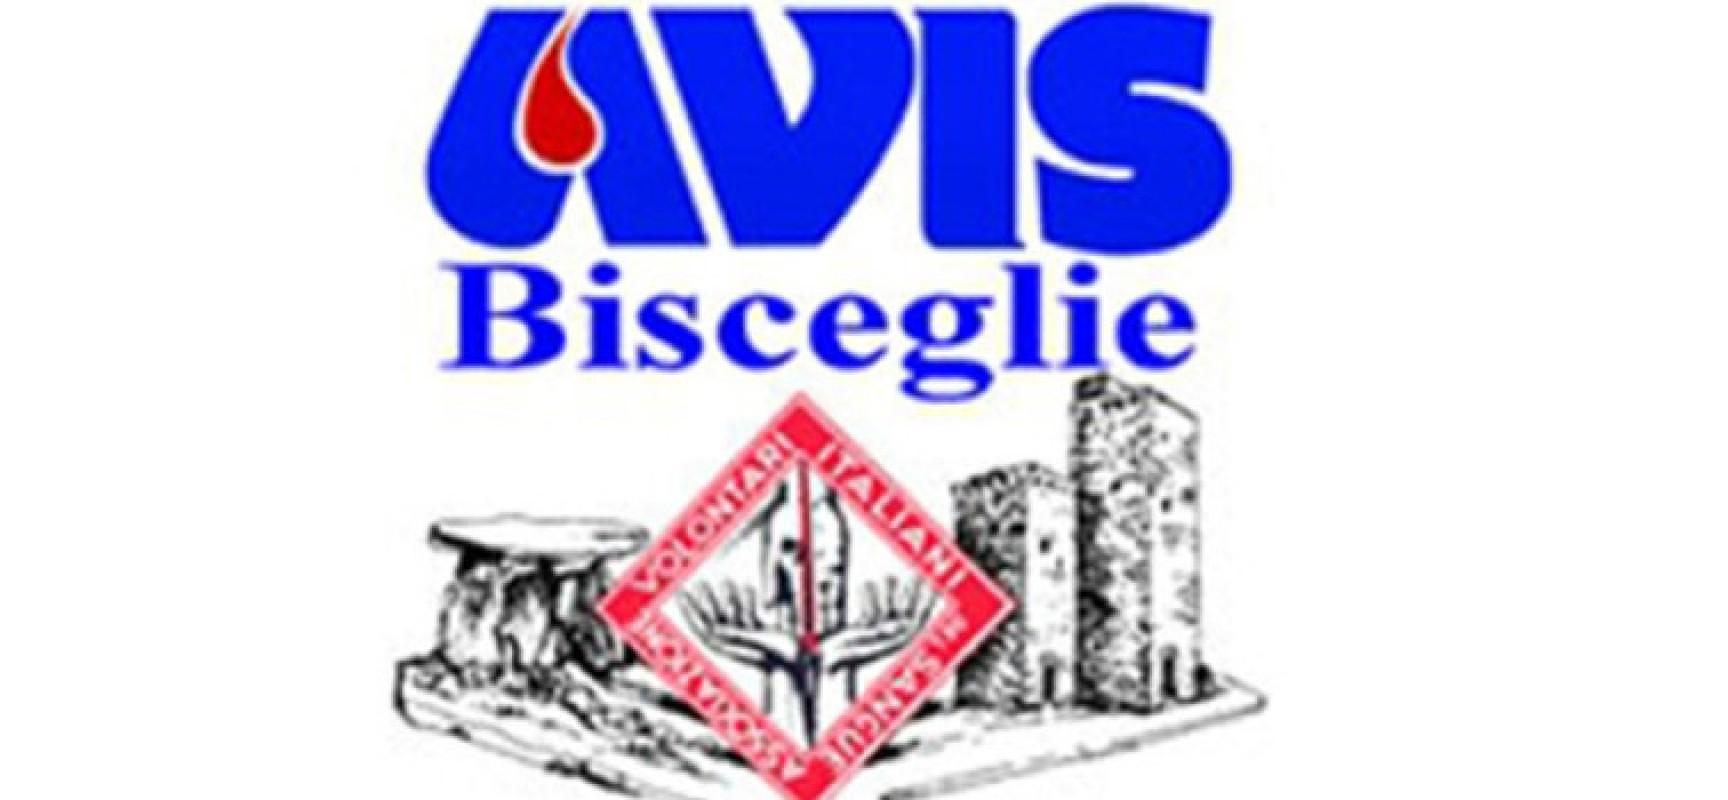 Nuova mattinata di raccolta sangue per l'Avis Bisceglie / DOVE  e QUANDO